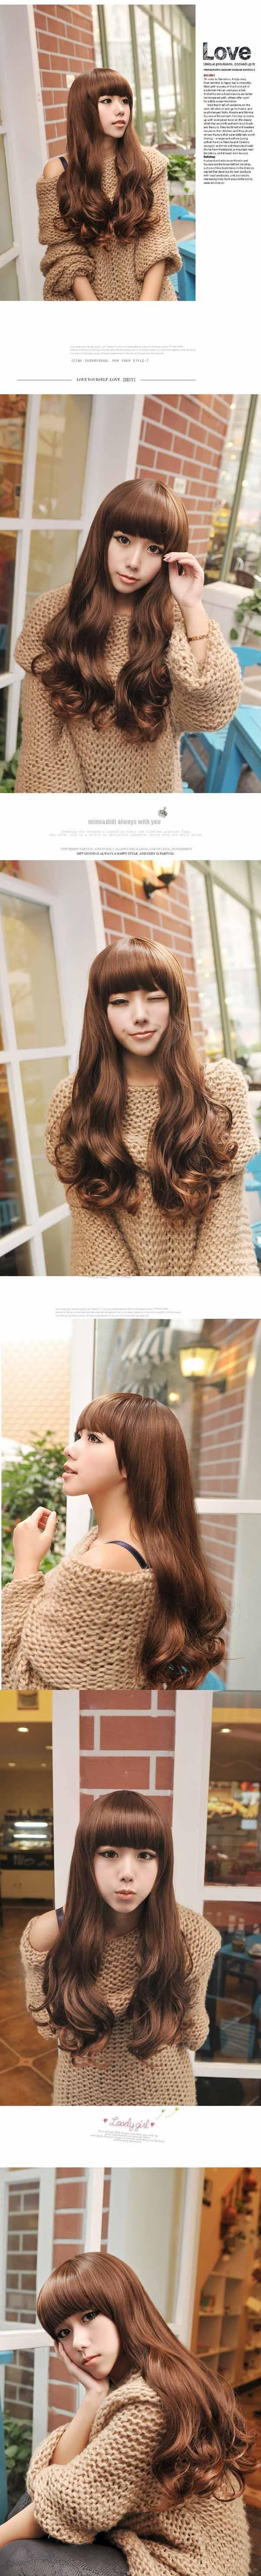 วิกผมยาว แบบสาวเกาหลีหน้าม้าปลายดัดลอนใหญ่สวย นำเข้า สีน้ำตาลอ่อน - พร้อมส่งW008 ราคา670บาท